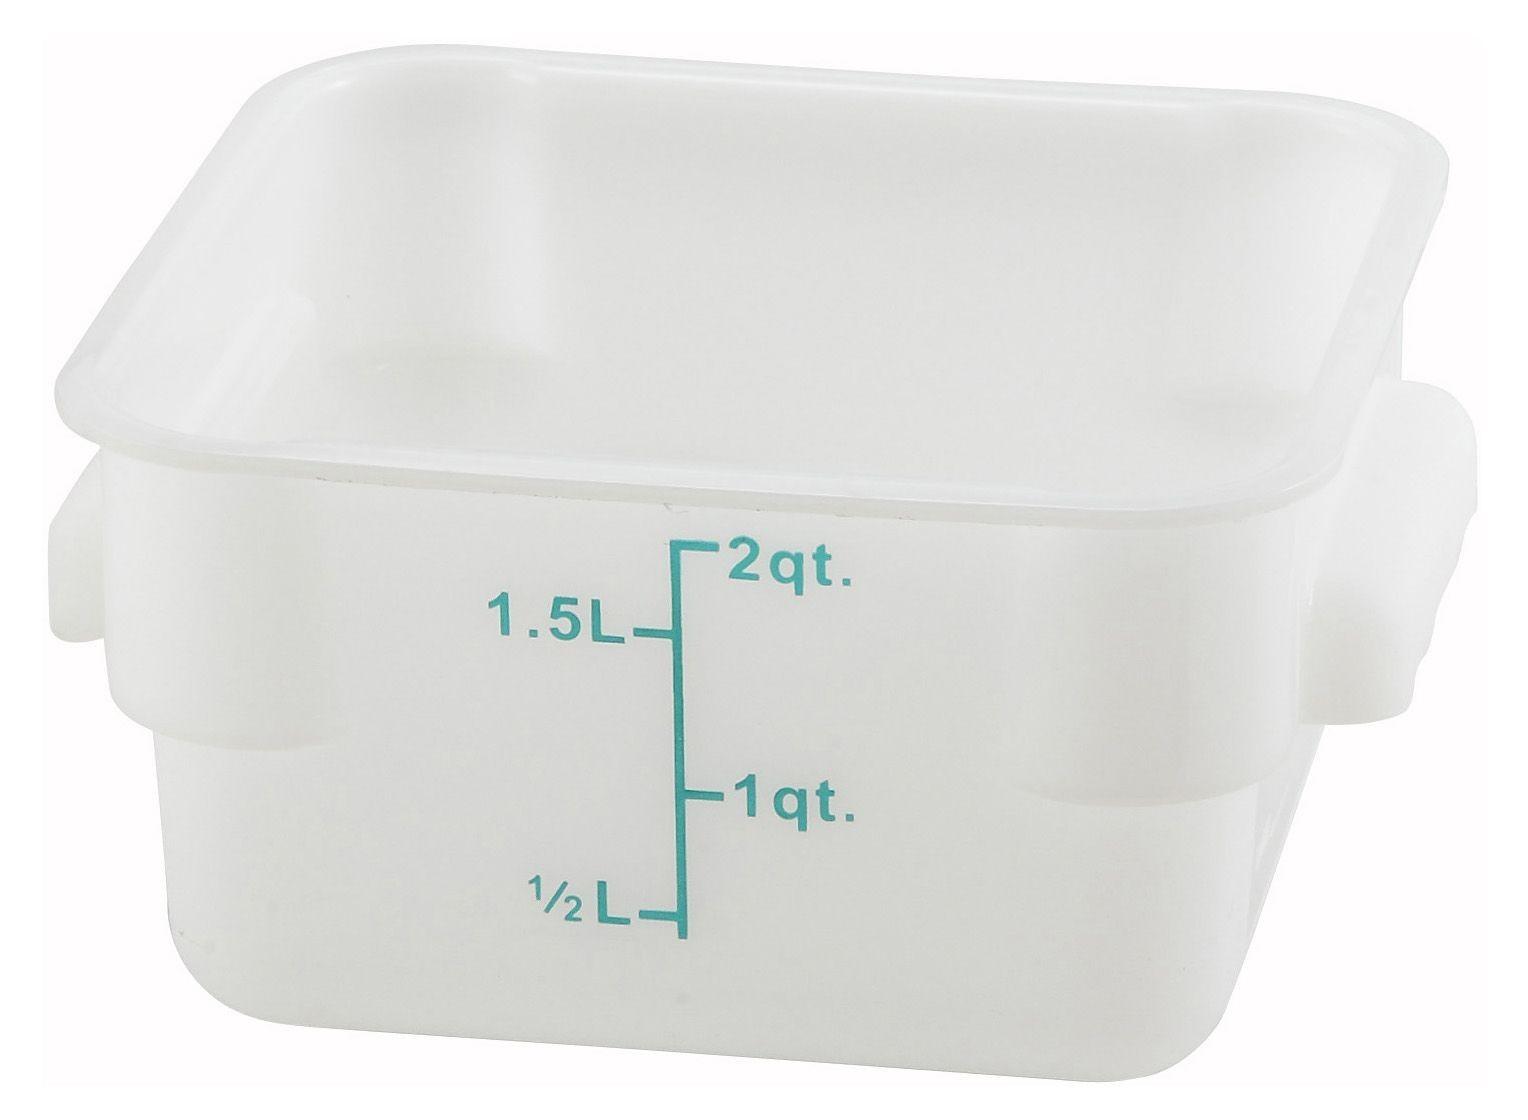 Winco PESC-2 White 2 Qt. Square Food Storage Container